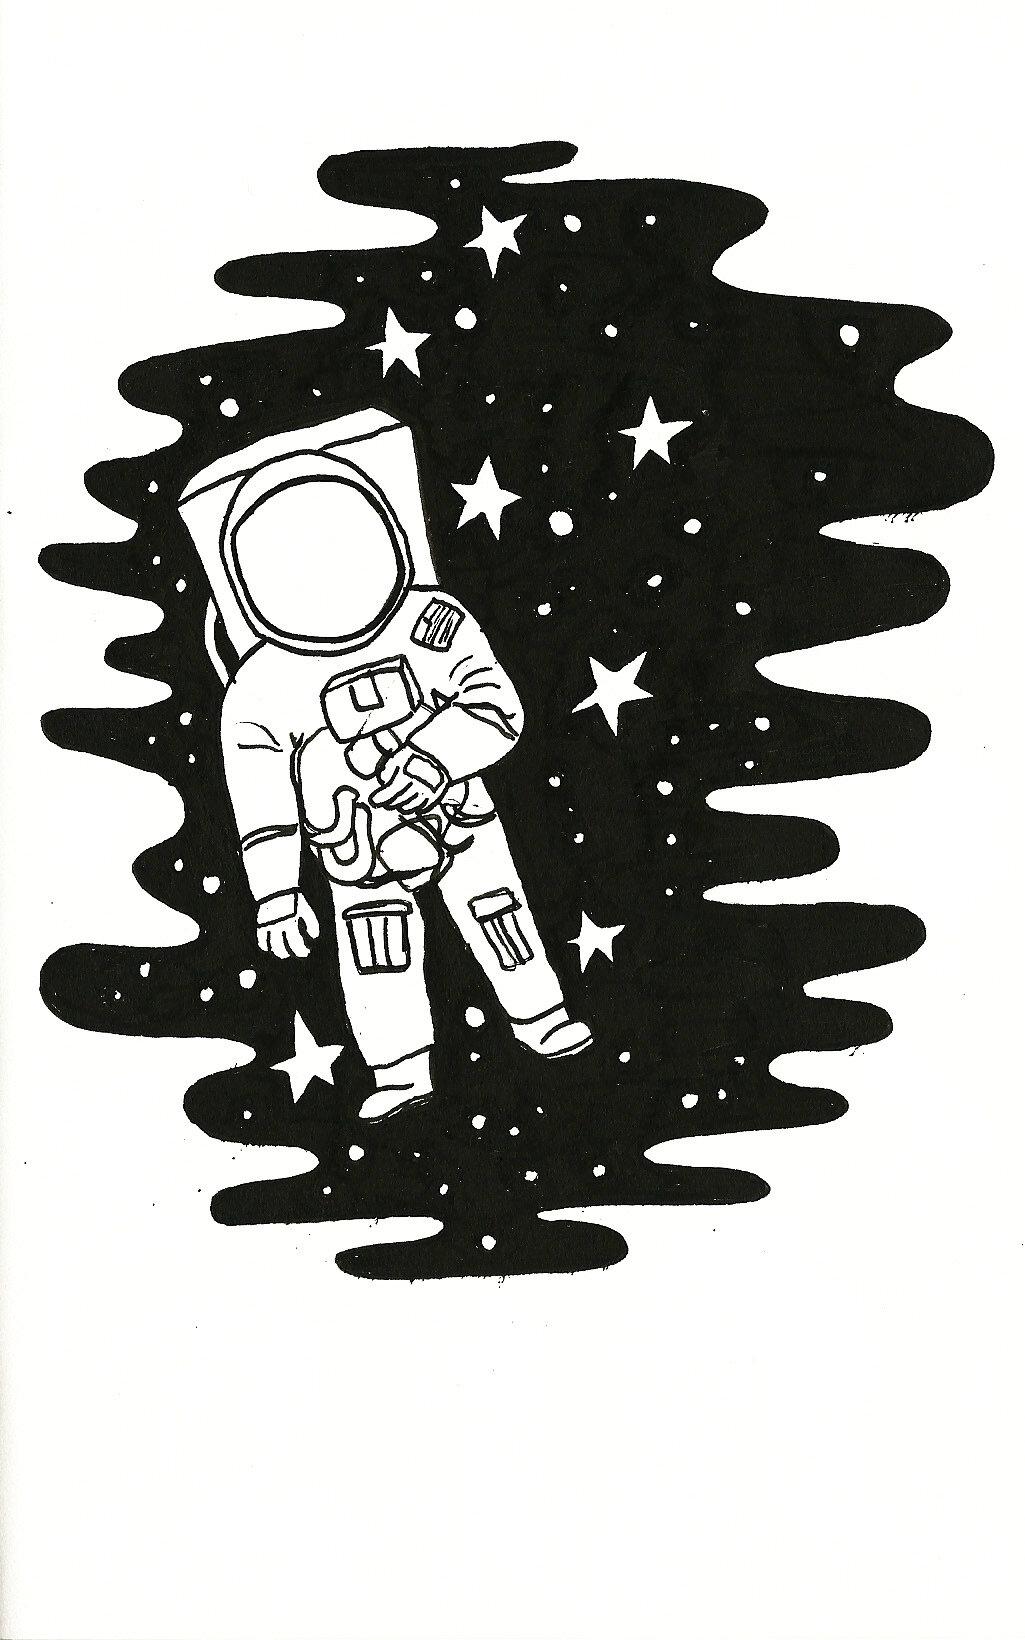 star space drawings - HD1025×1640